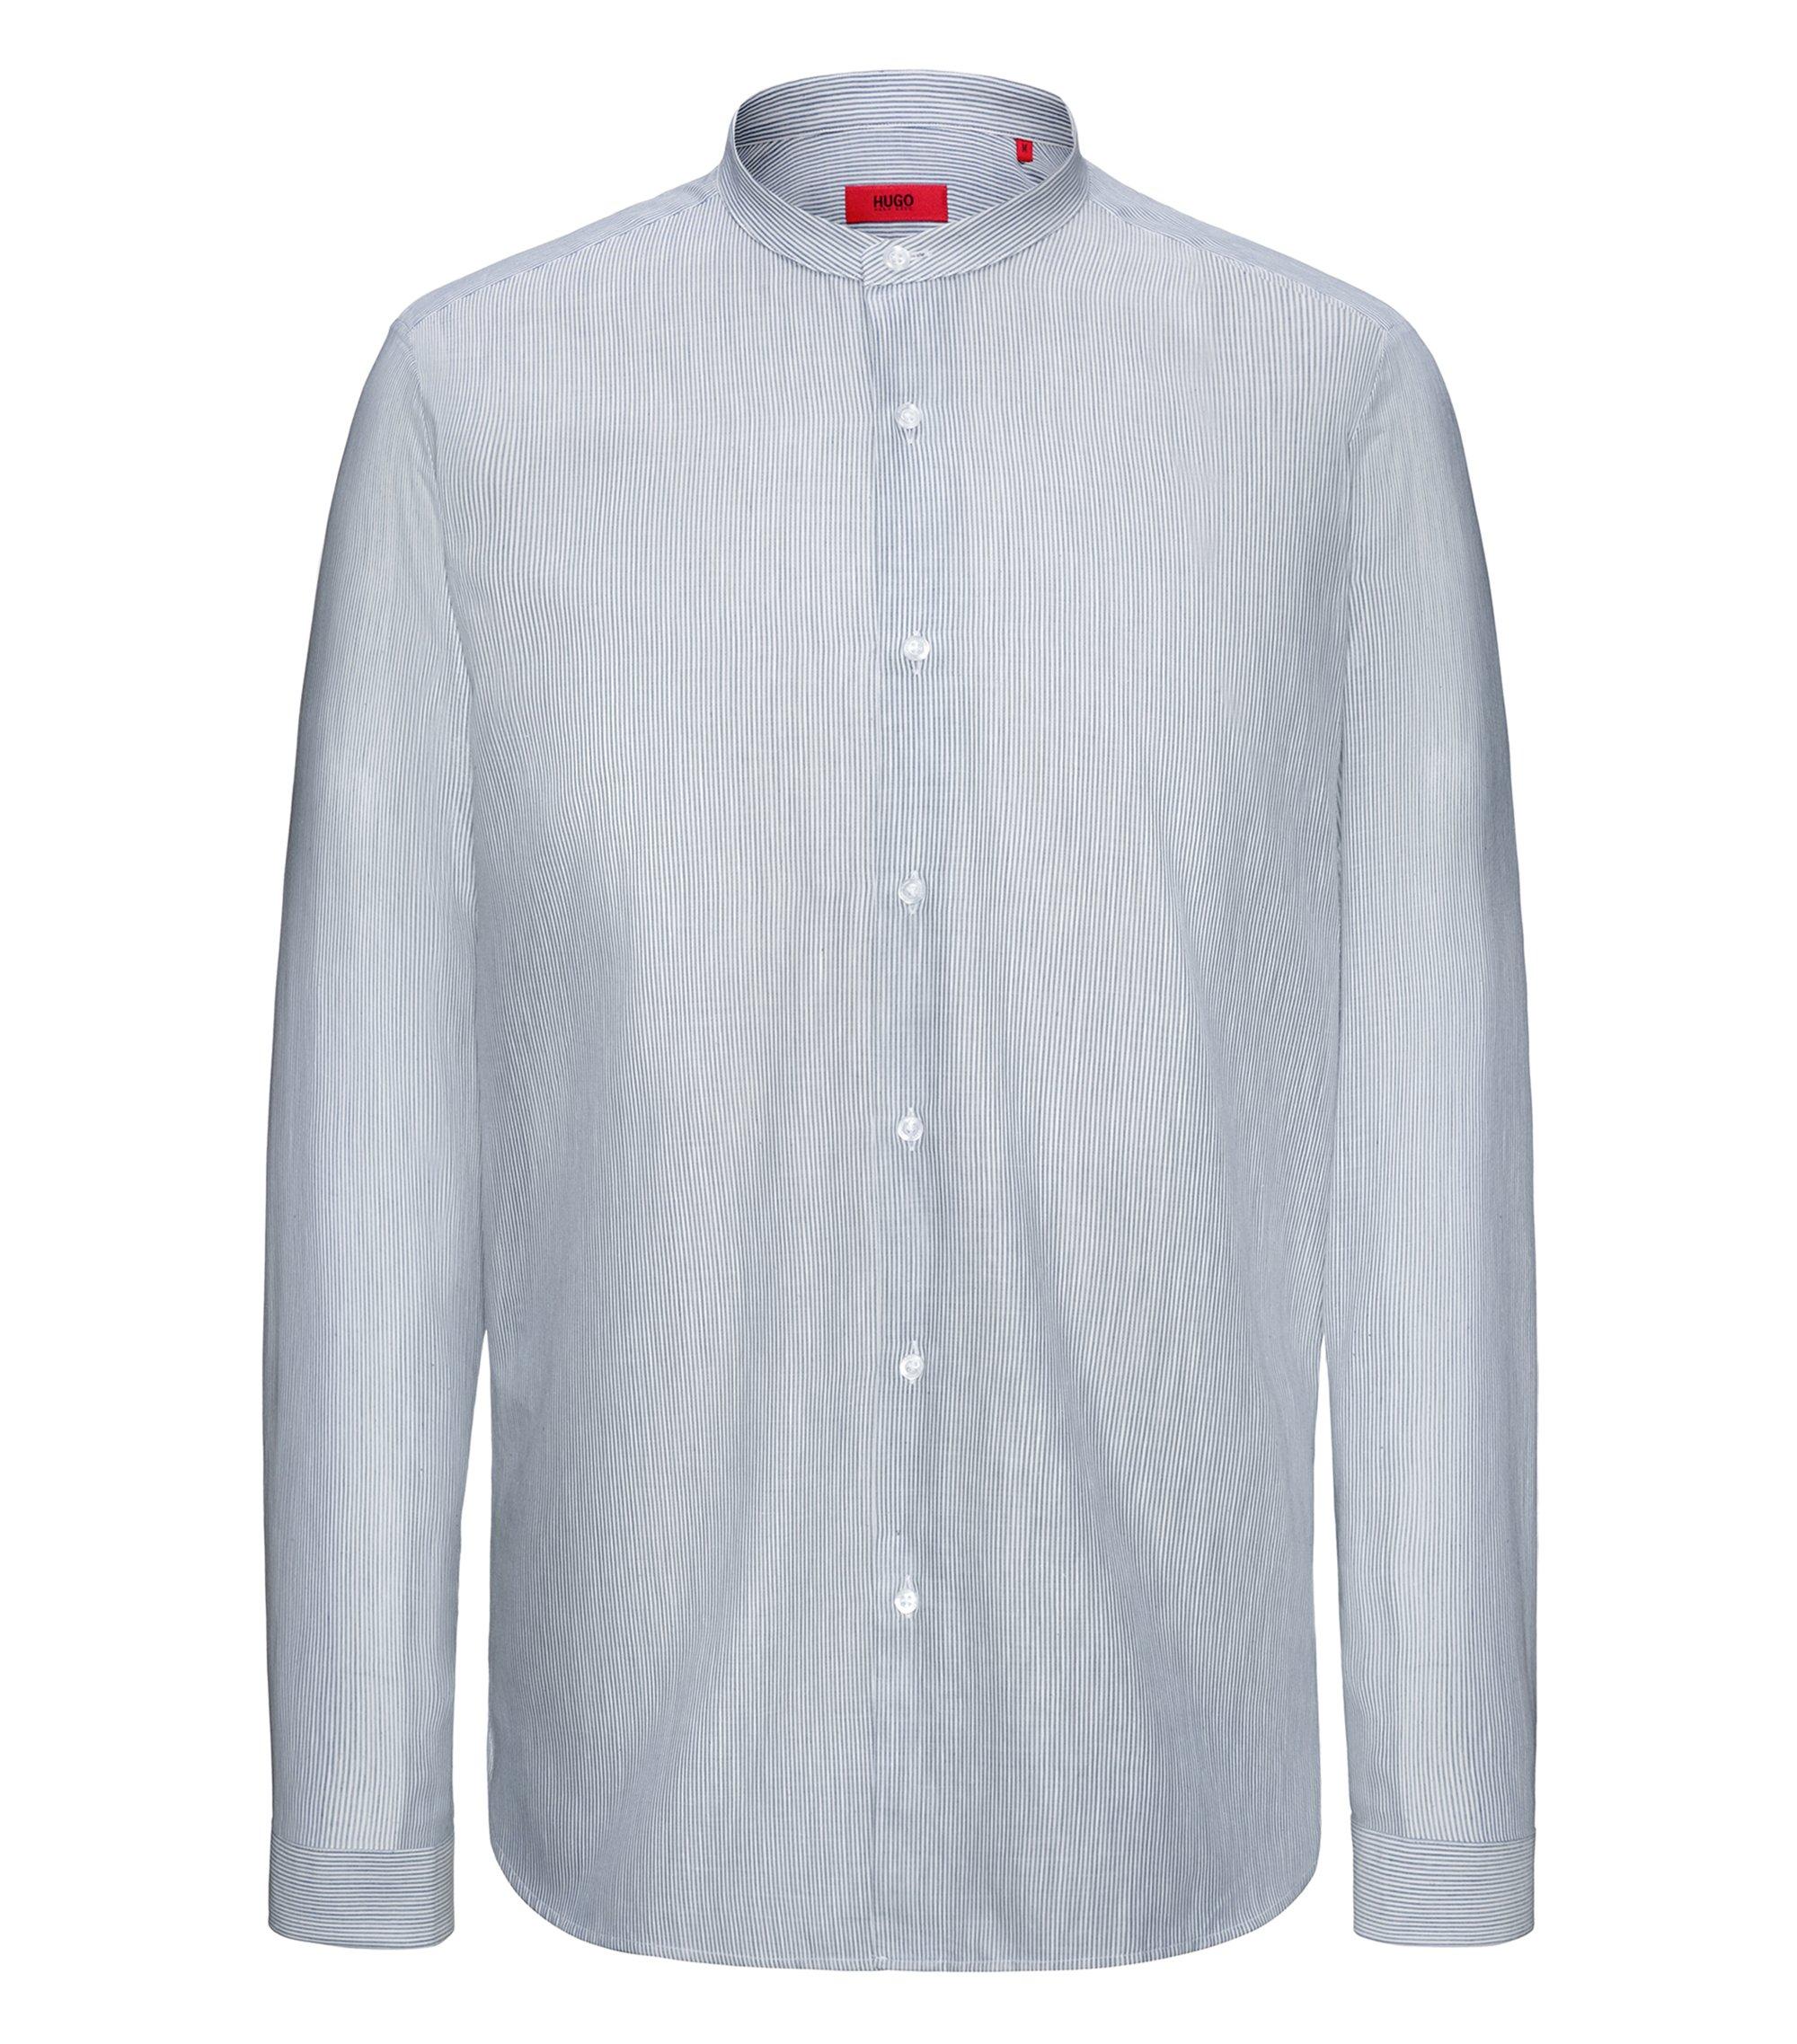 Relaxed-Fit Hemd aus Baumwolle mit Stehkragen und Streifen-Muster, Dunkelblau